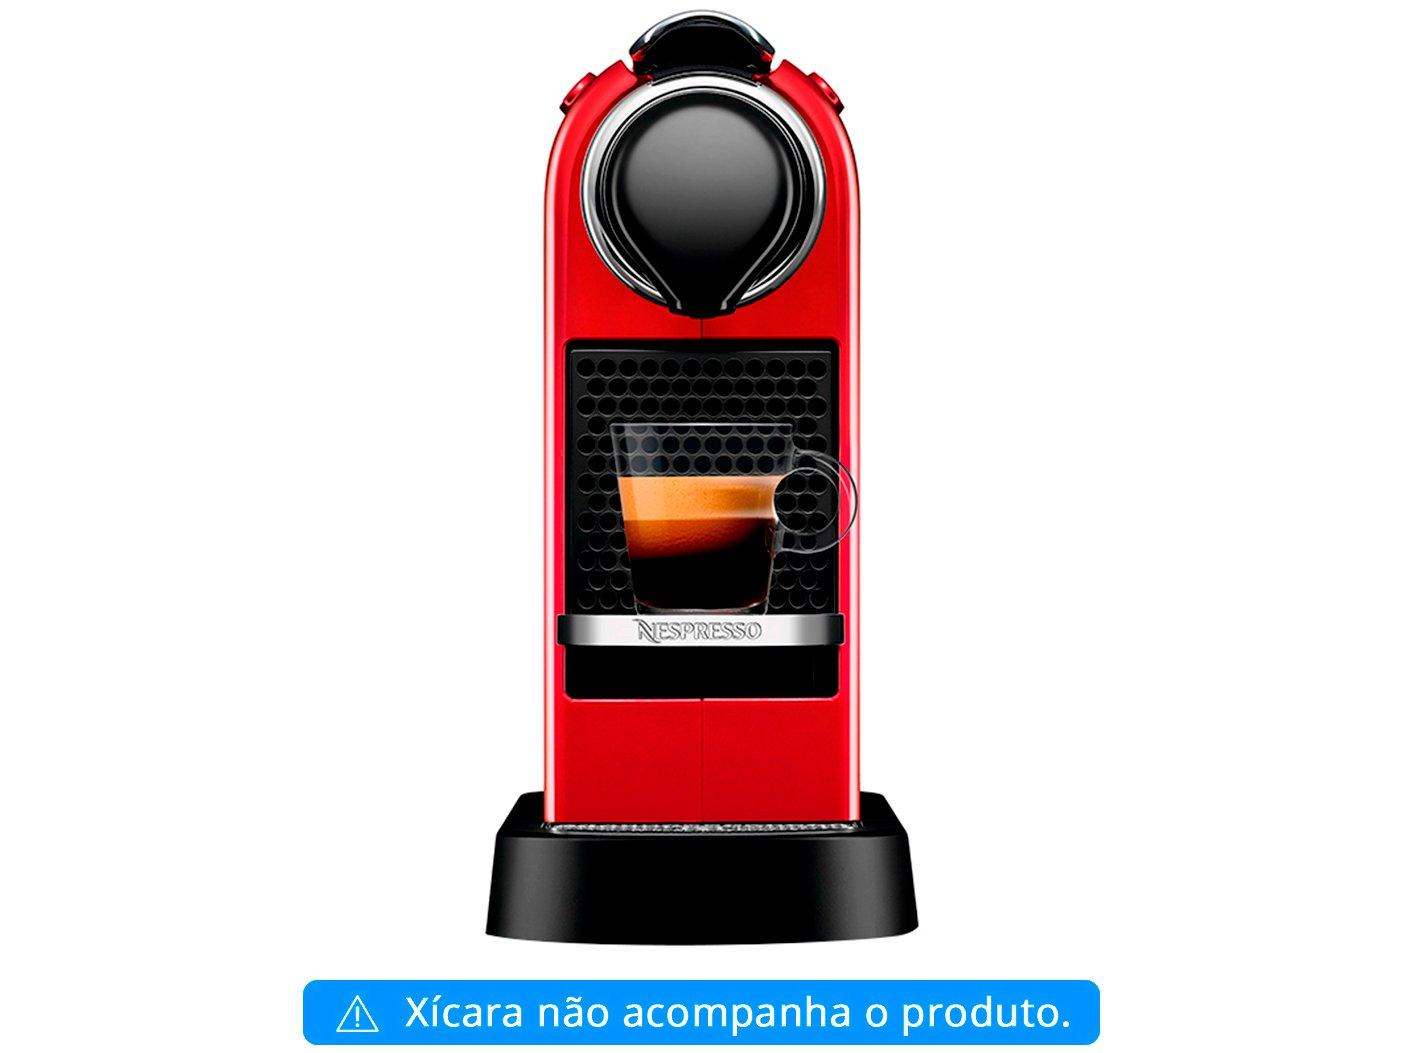 Máquina de Café Nespresso Citiz C113 com Kit Boas Vindas – Vermelha - 110V - 4